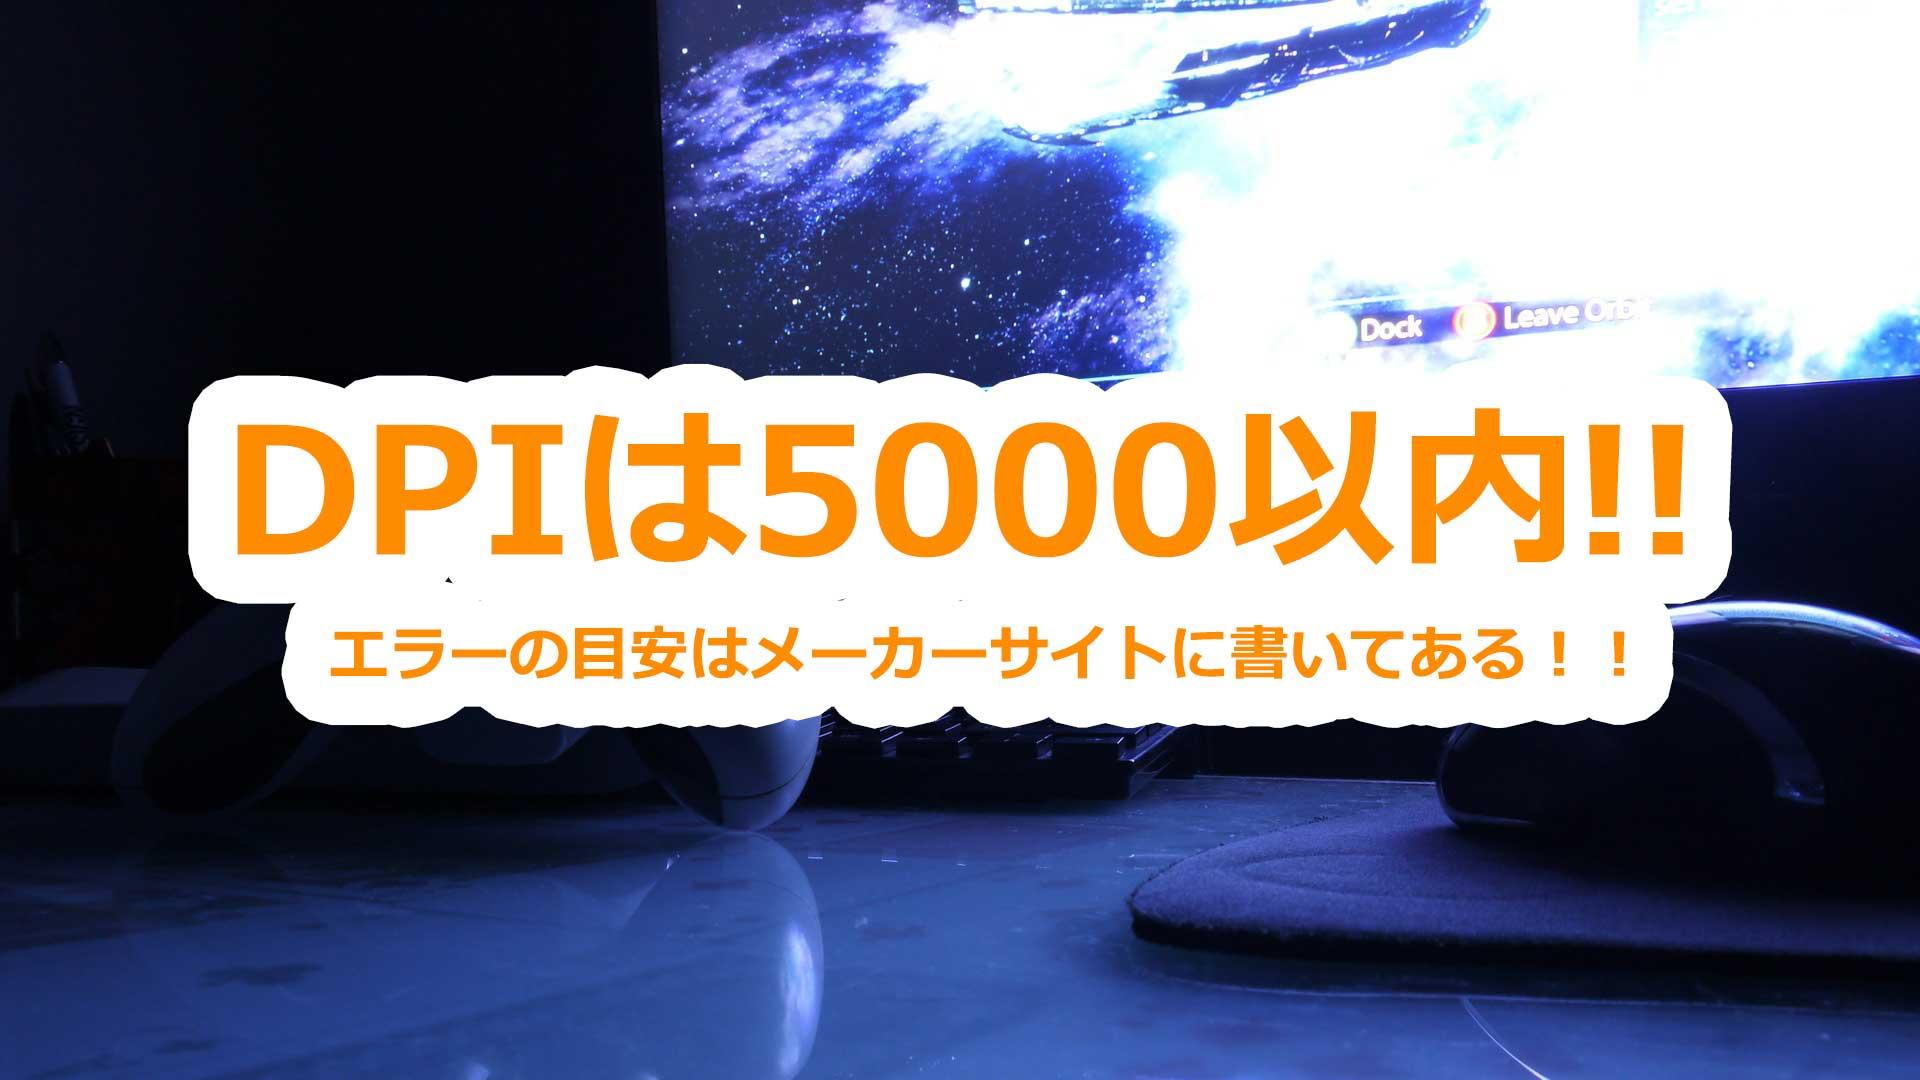 DPIは最高5000まで!実はメーカーサイトにDPIの目安が書いてある!!